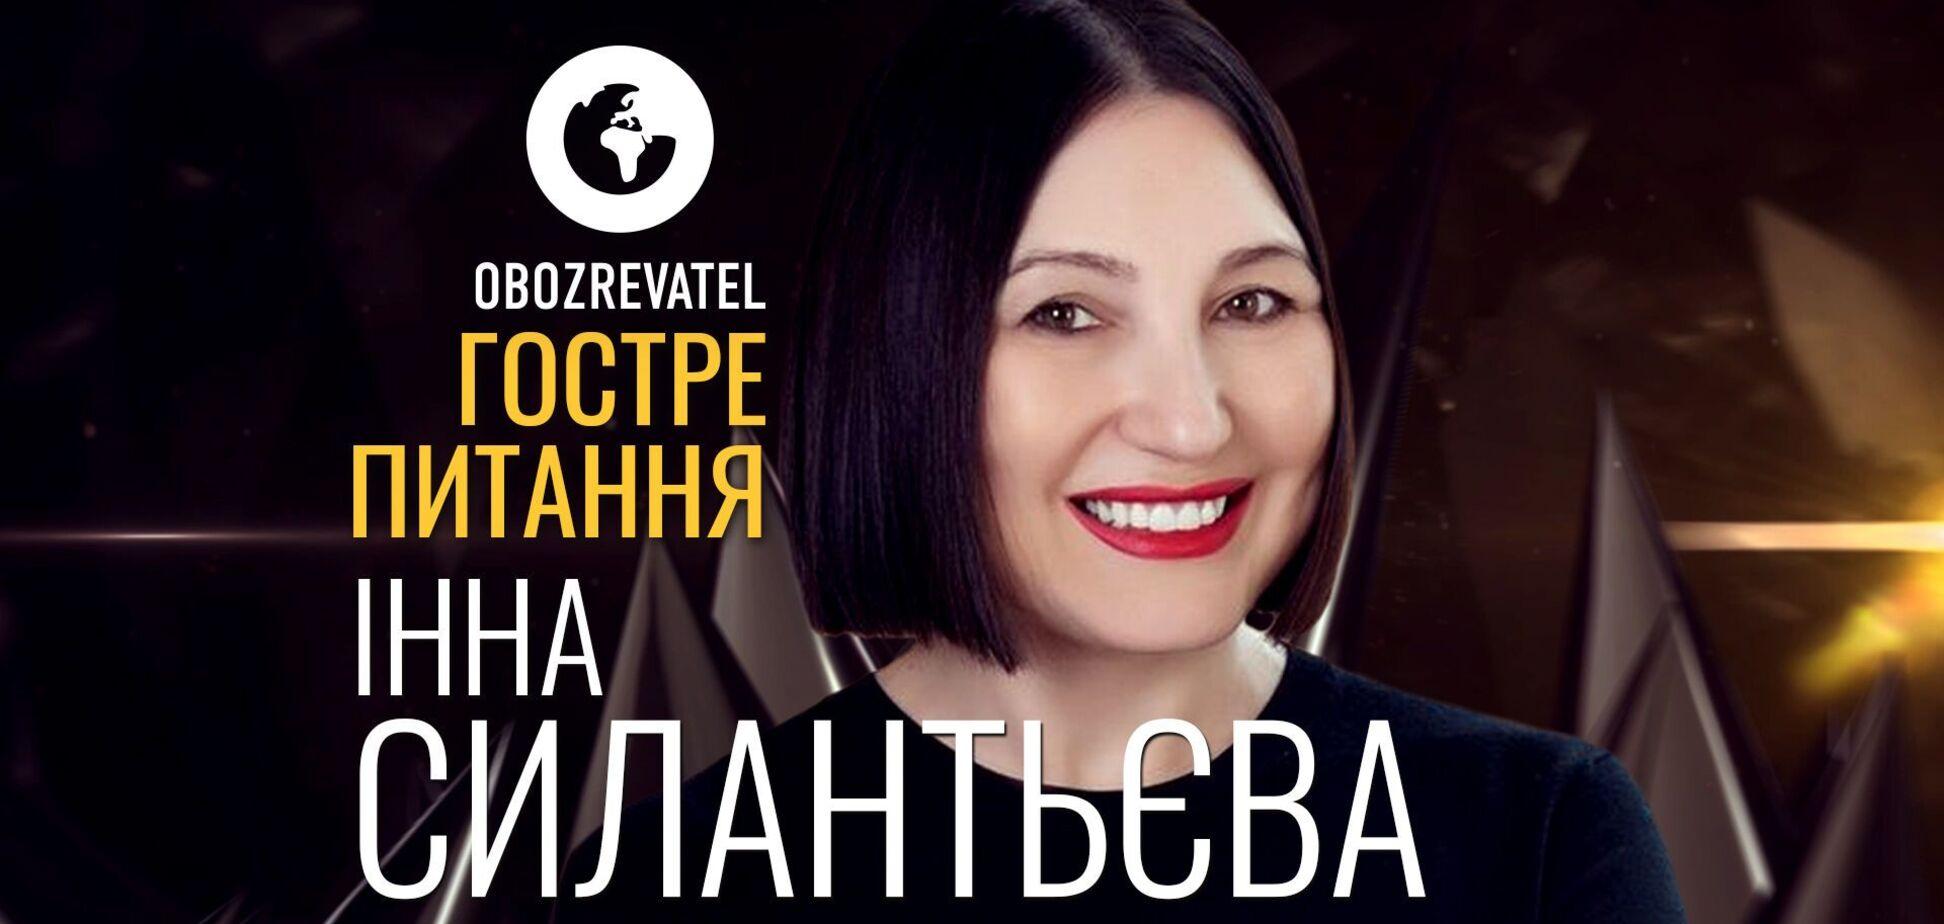 Инна Силантьева | Гостре питання